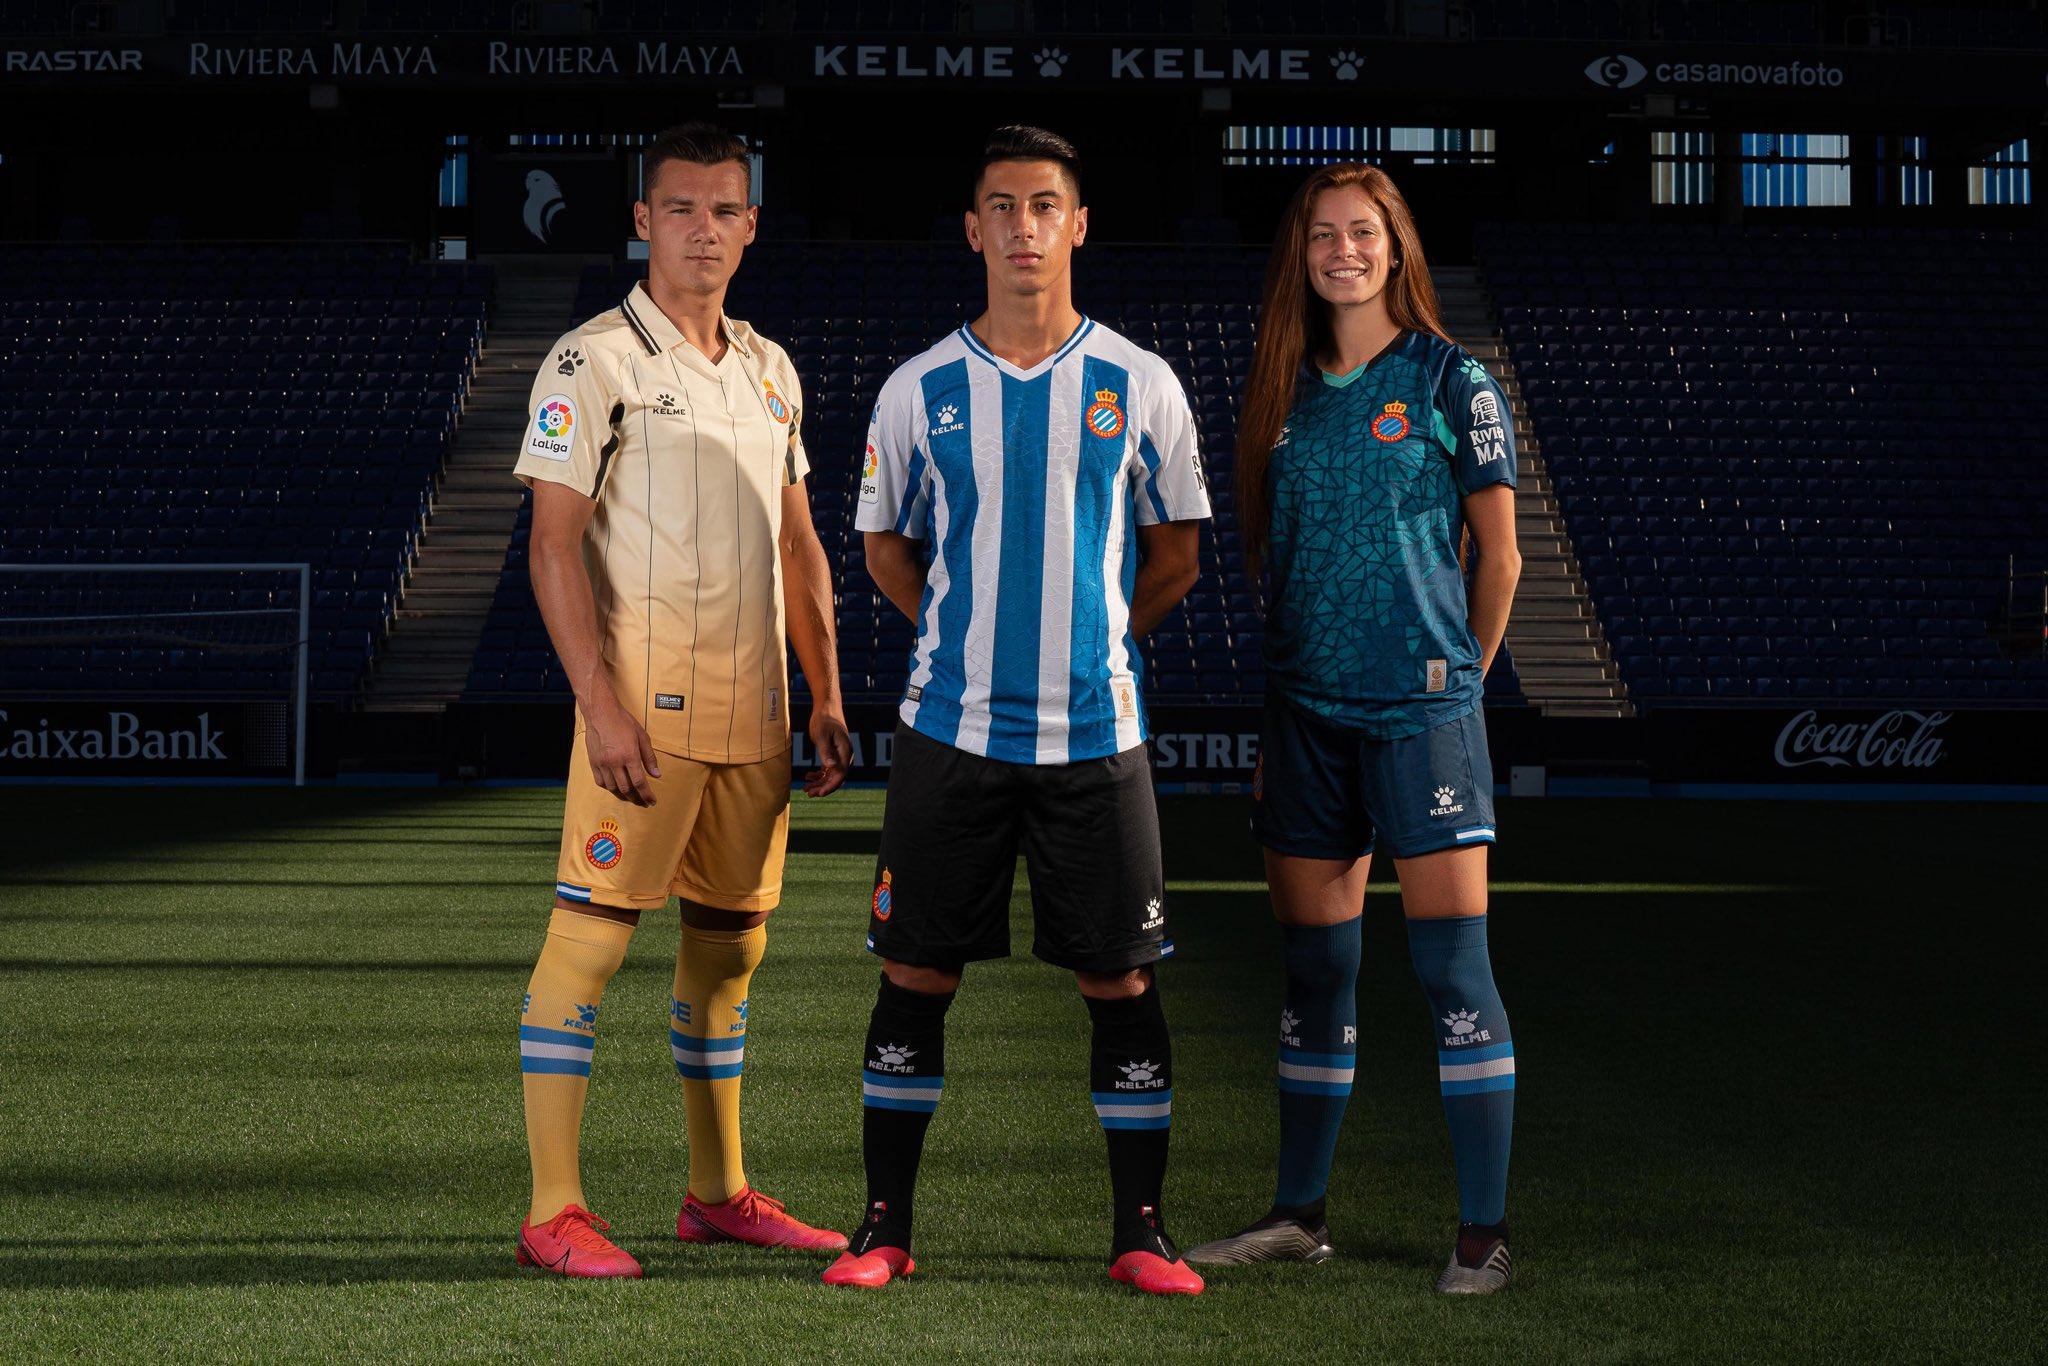 Camisas do RCD Espanyol 2020-2021 Kelme kits